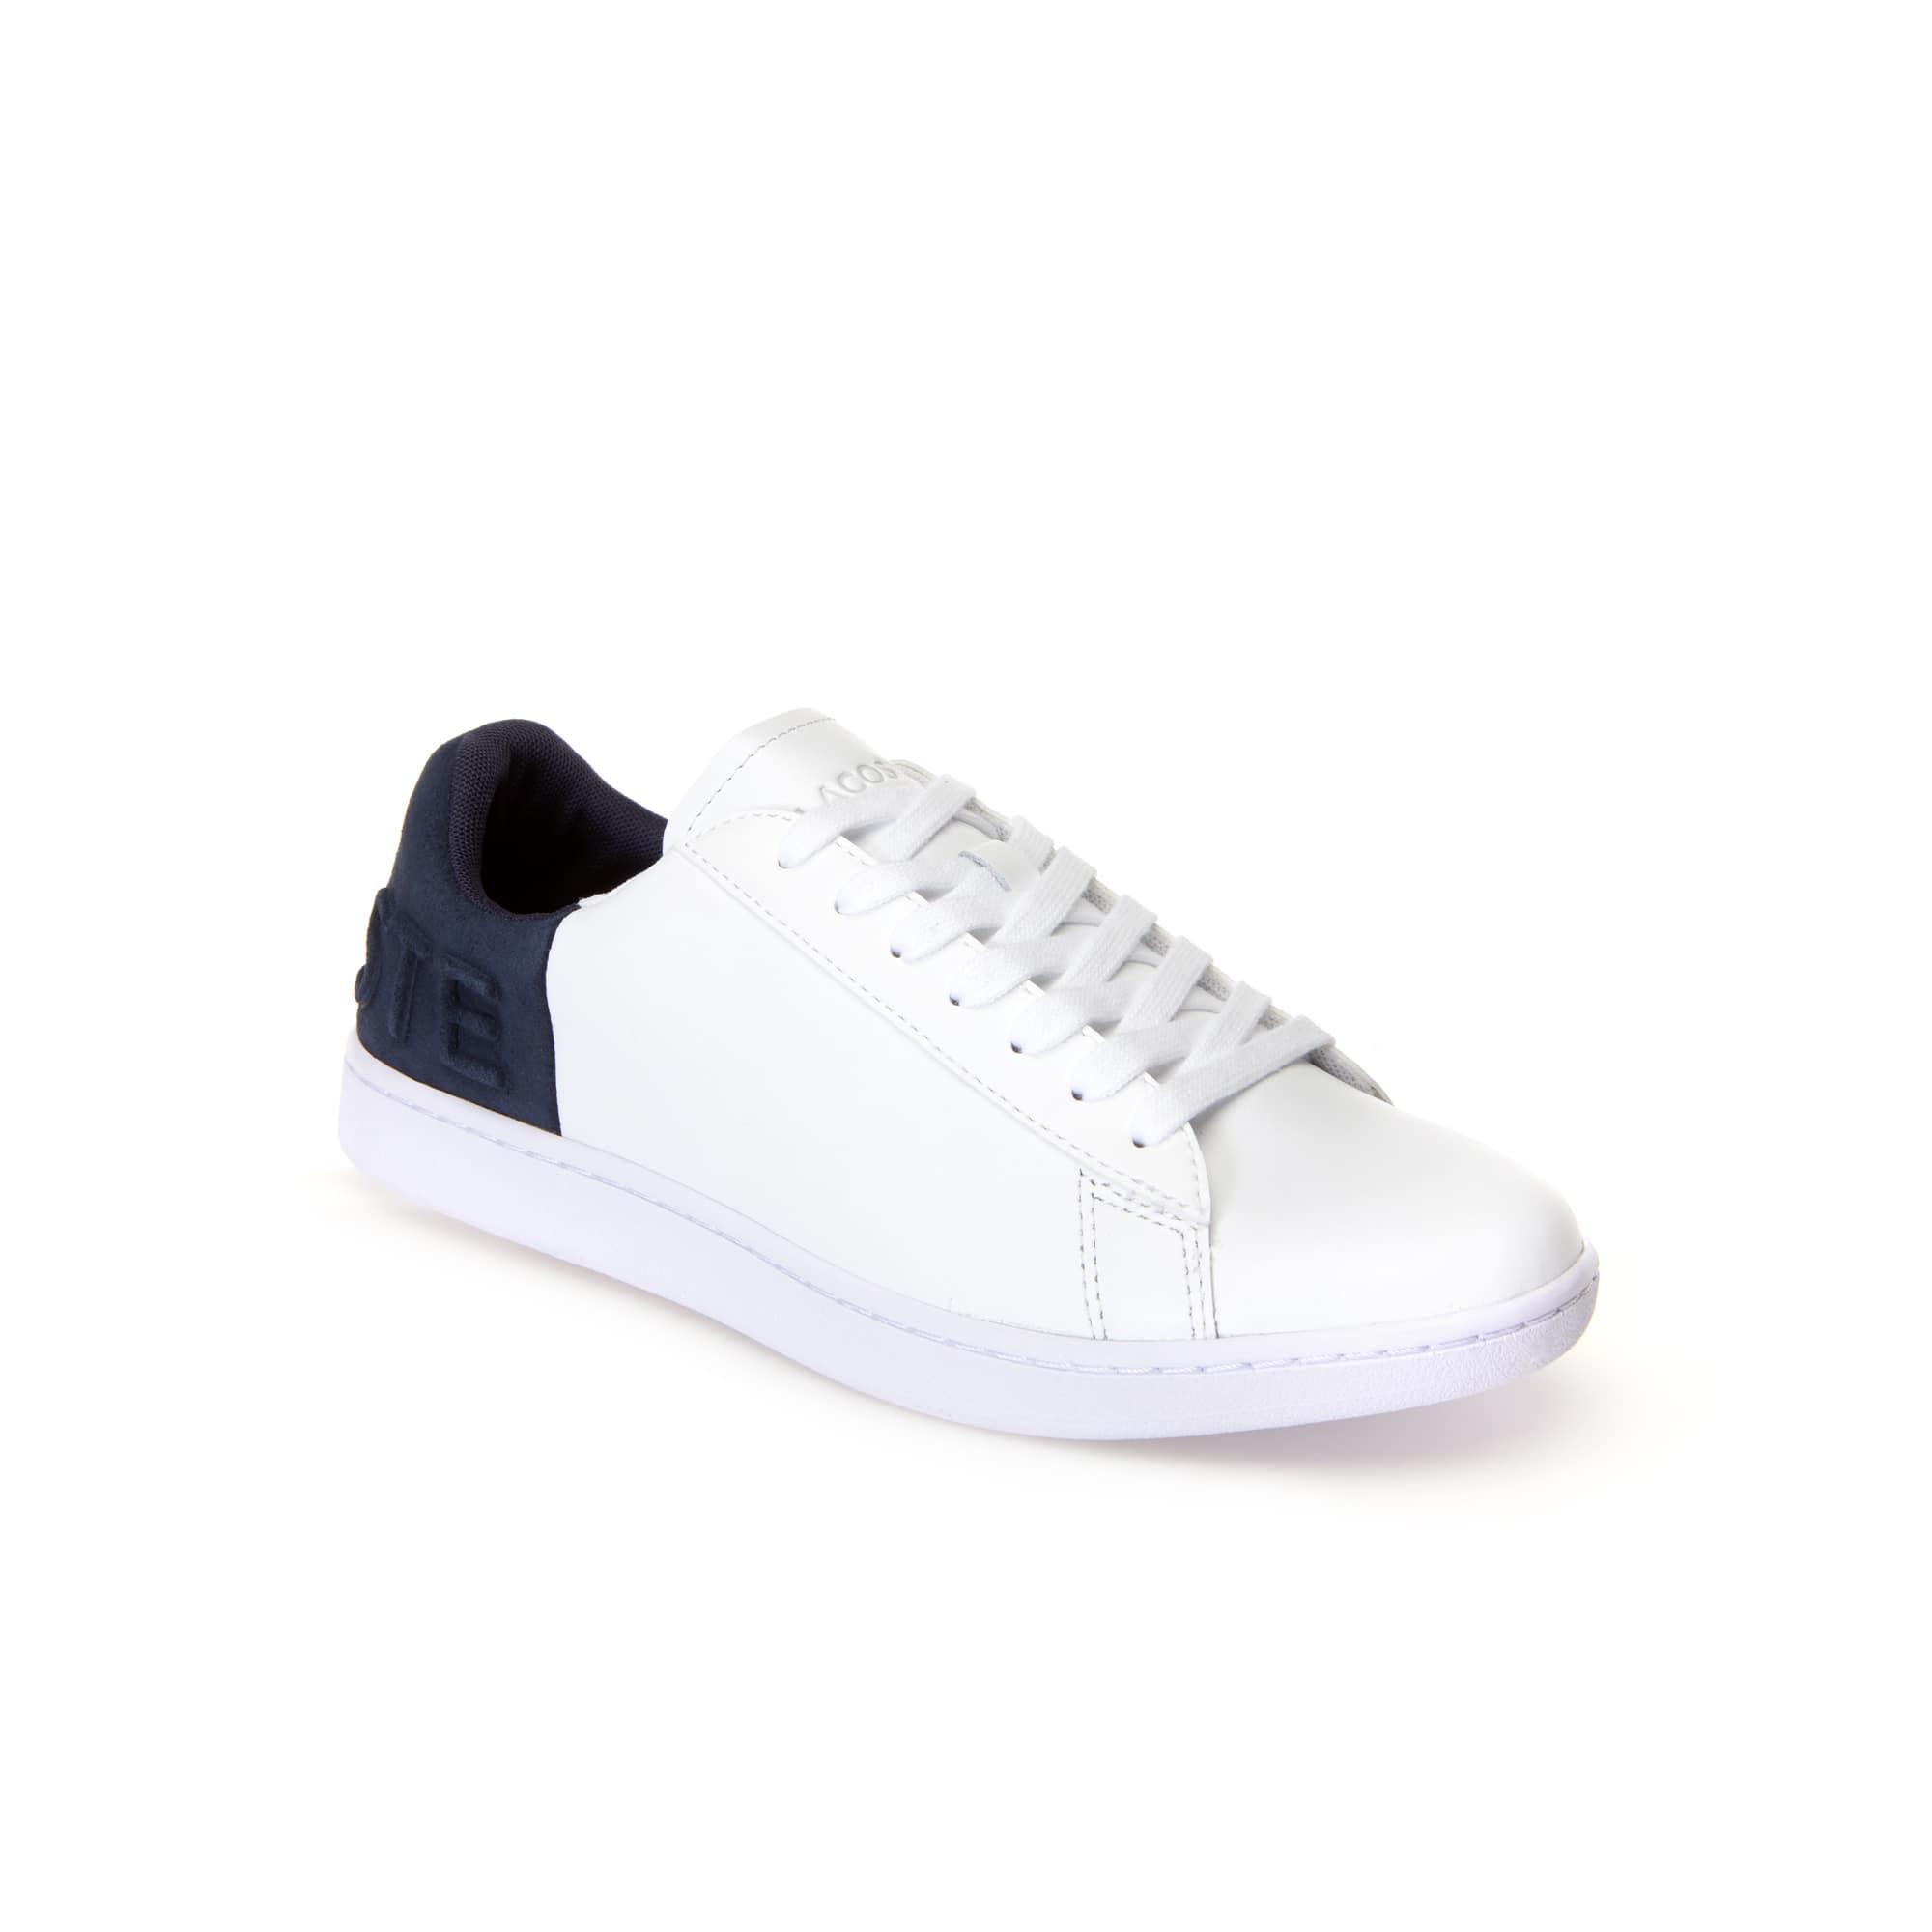 Zapatillas de mujer Carnaby Evo de piel colour block